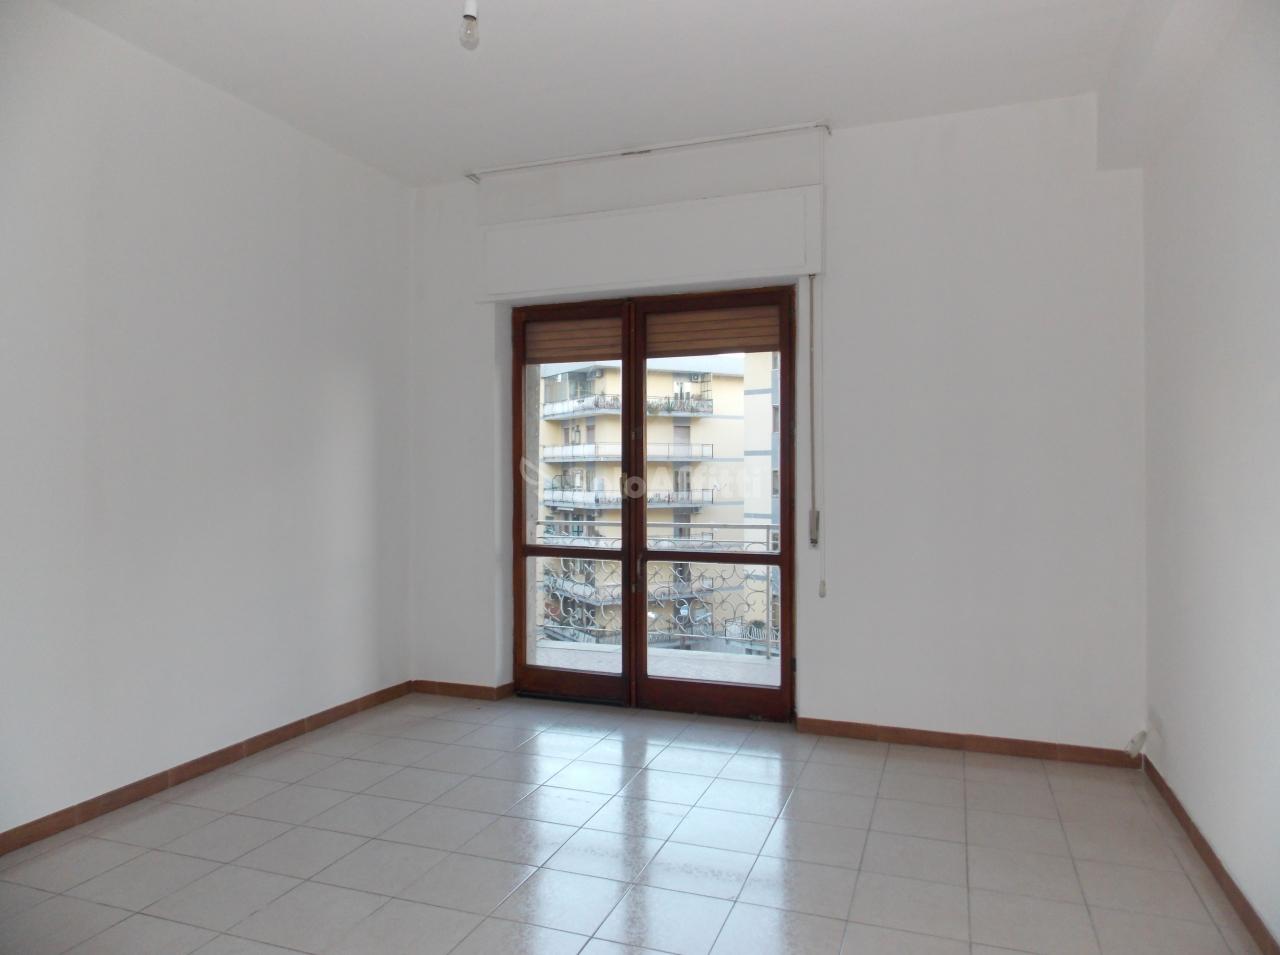 Quadrilocale in affitto - 140 mq